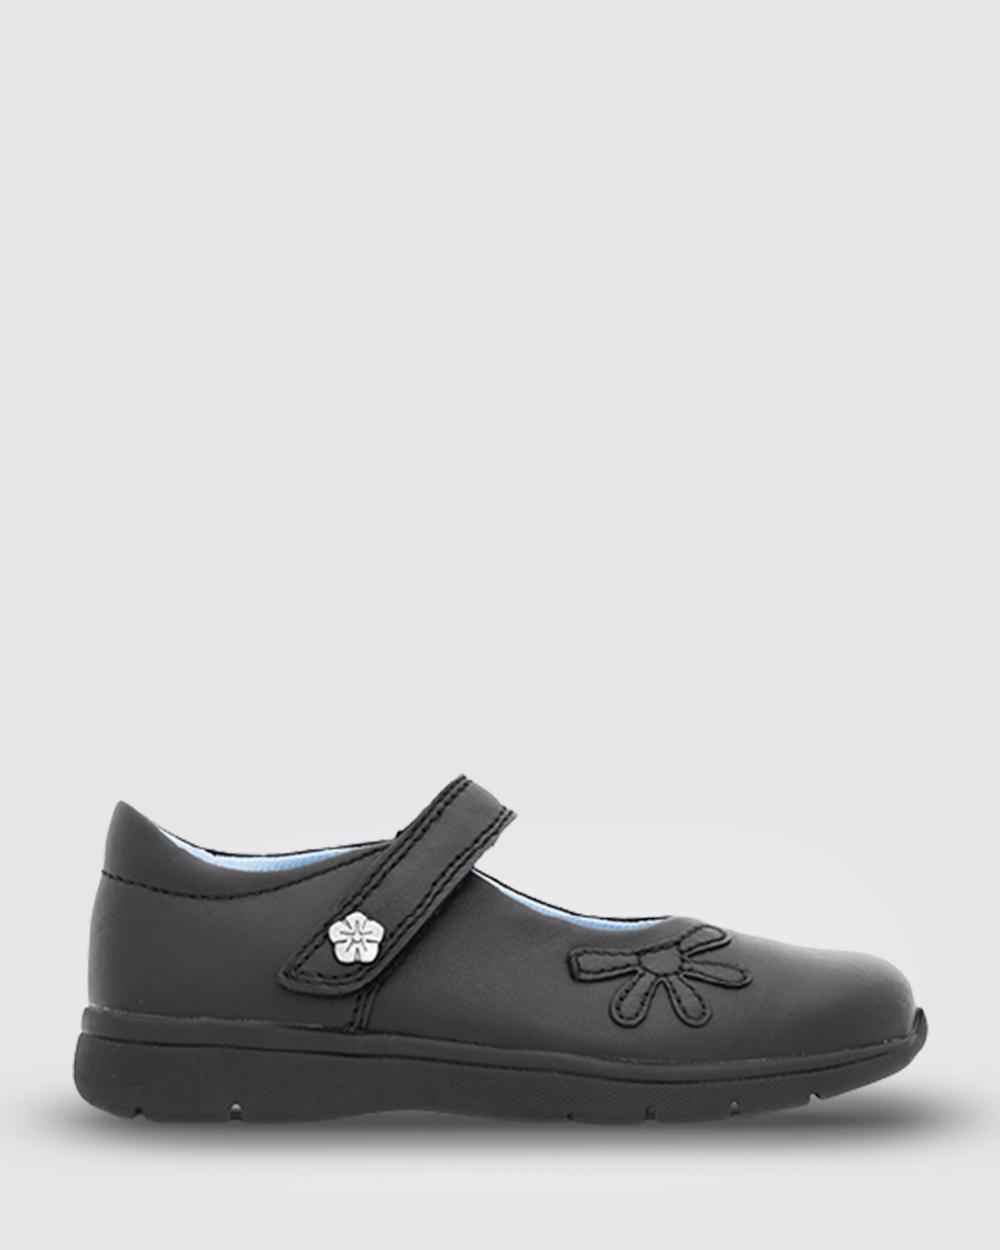 Ascent Trista 2 School Shoes Black Australia